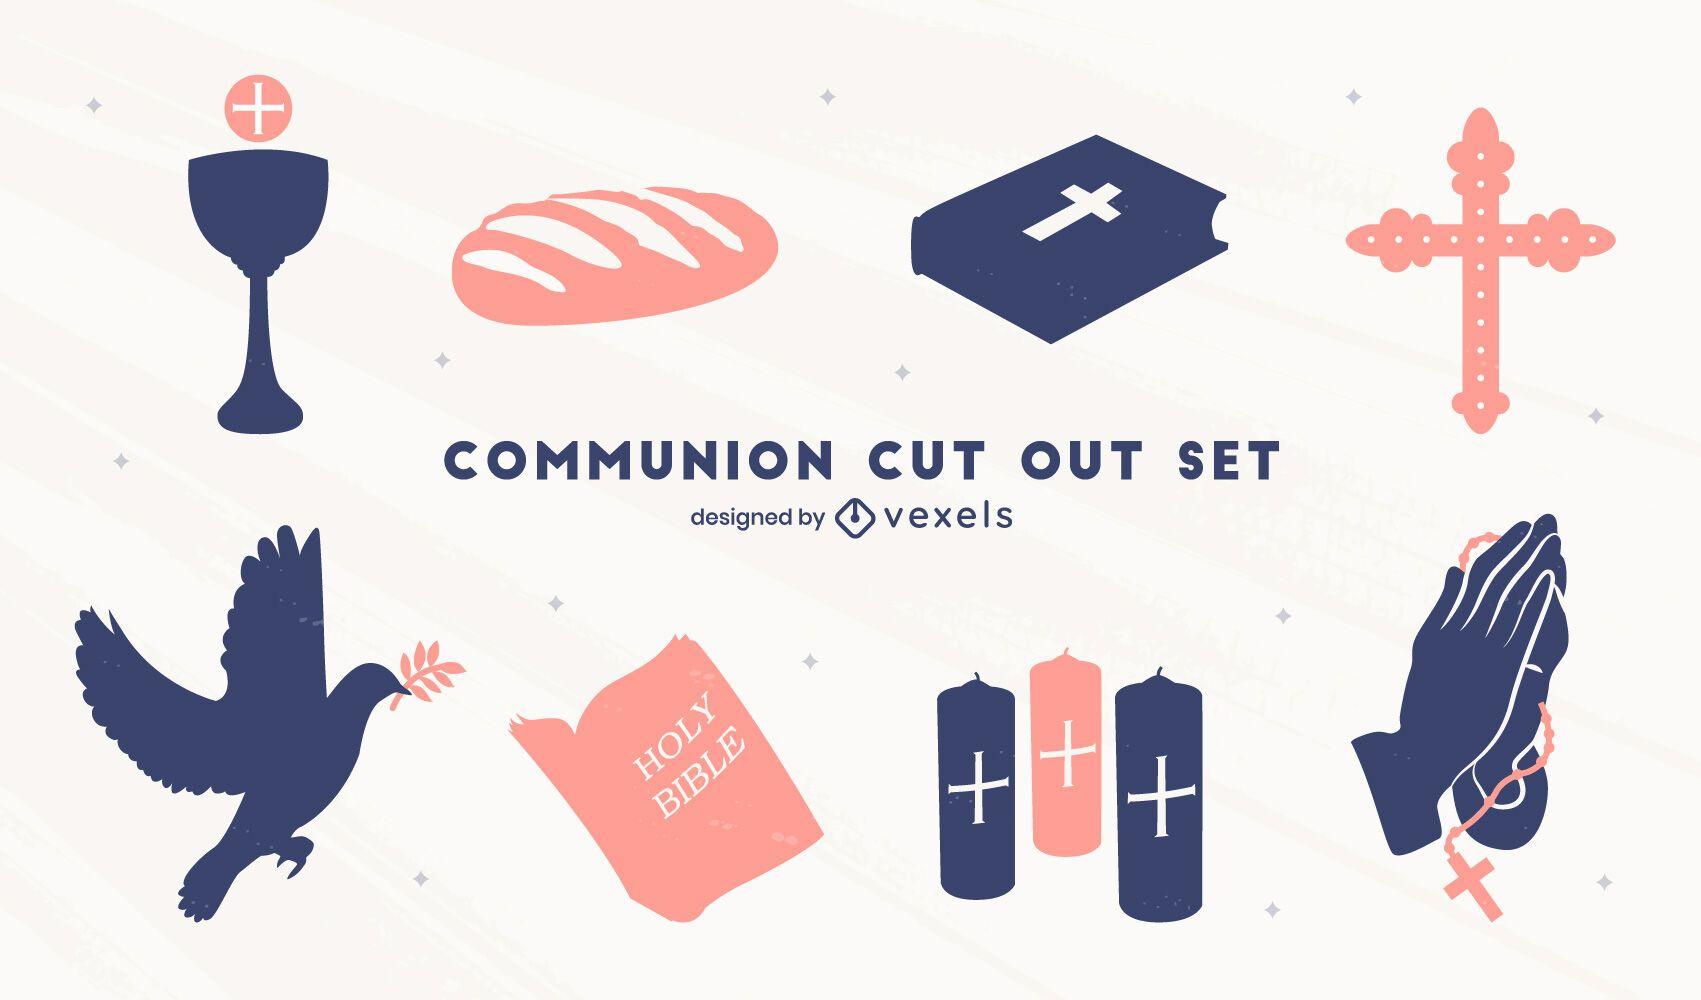 Christliche Kommunion ausgeschnitten gesetzt